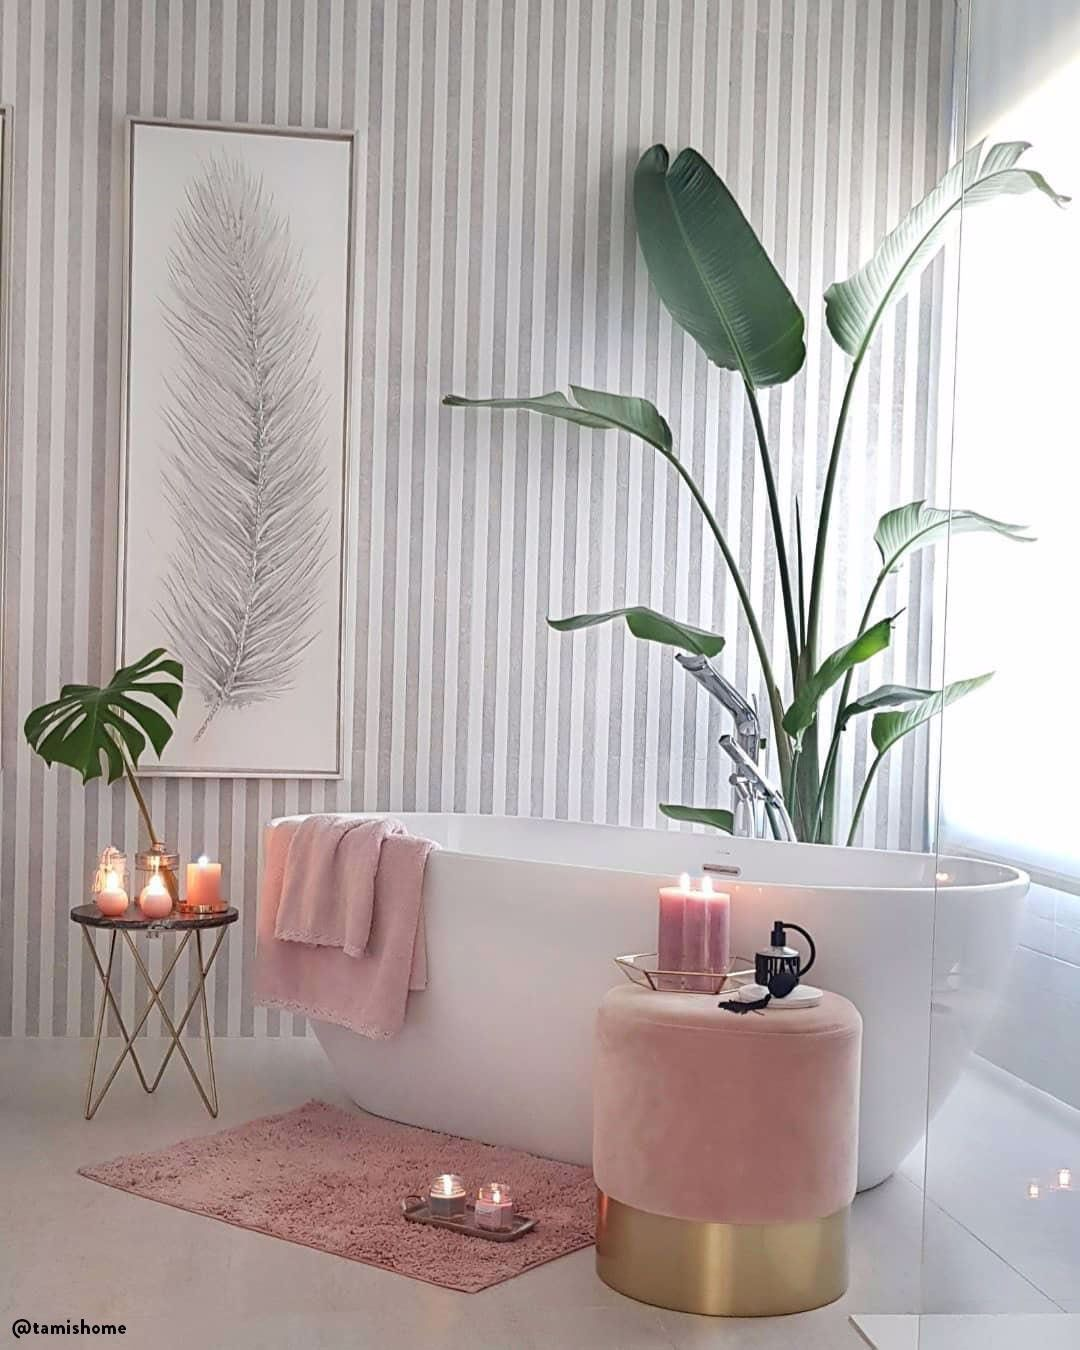 """Klein aber so oho! Dieser Hocker aus weichem Samt verwandelt jeden Raum sofort in eine Luxuslounge. Dabei sorgt nicht nur der Bezug in trendigen Juwelentönen für Eyecatcher-Garantie. Ein goldfarbener Fuß gibt dem Schmuckstück den Glamour-Feinschliff. Ob als Sitz-Pouf oder Beistelltisch – """"Harlow"""" ist eine rundum schillernde Erscheinung!  📷:@tamishome // Badezimmer Badewanne Deko Pouf Samt Hocker Rosa Blush Kerzen Pflanzen Romantisch Ideen #Badezimmer #Badewanne #Samt #Samtpouf #Pouf"""